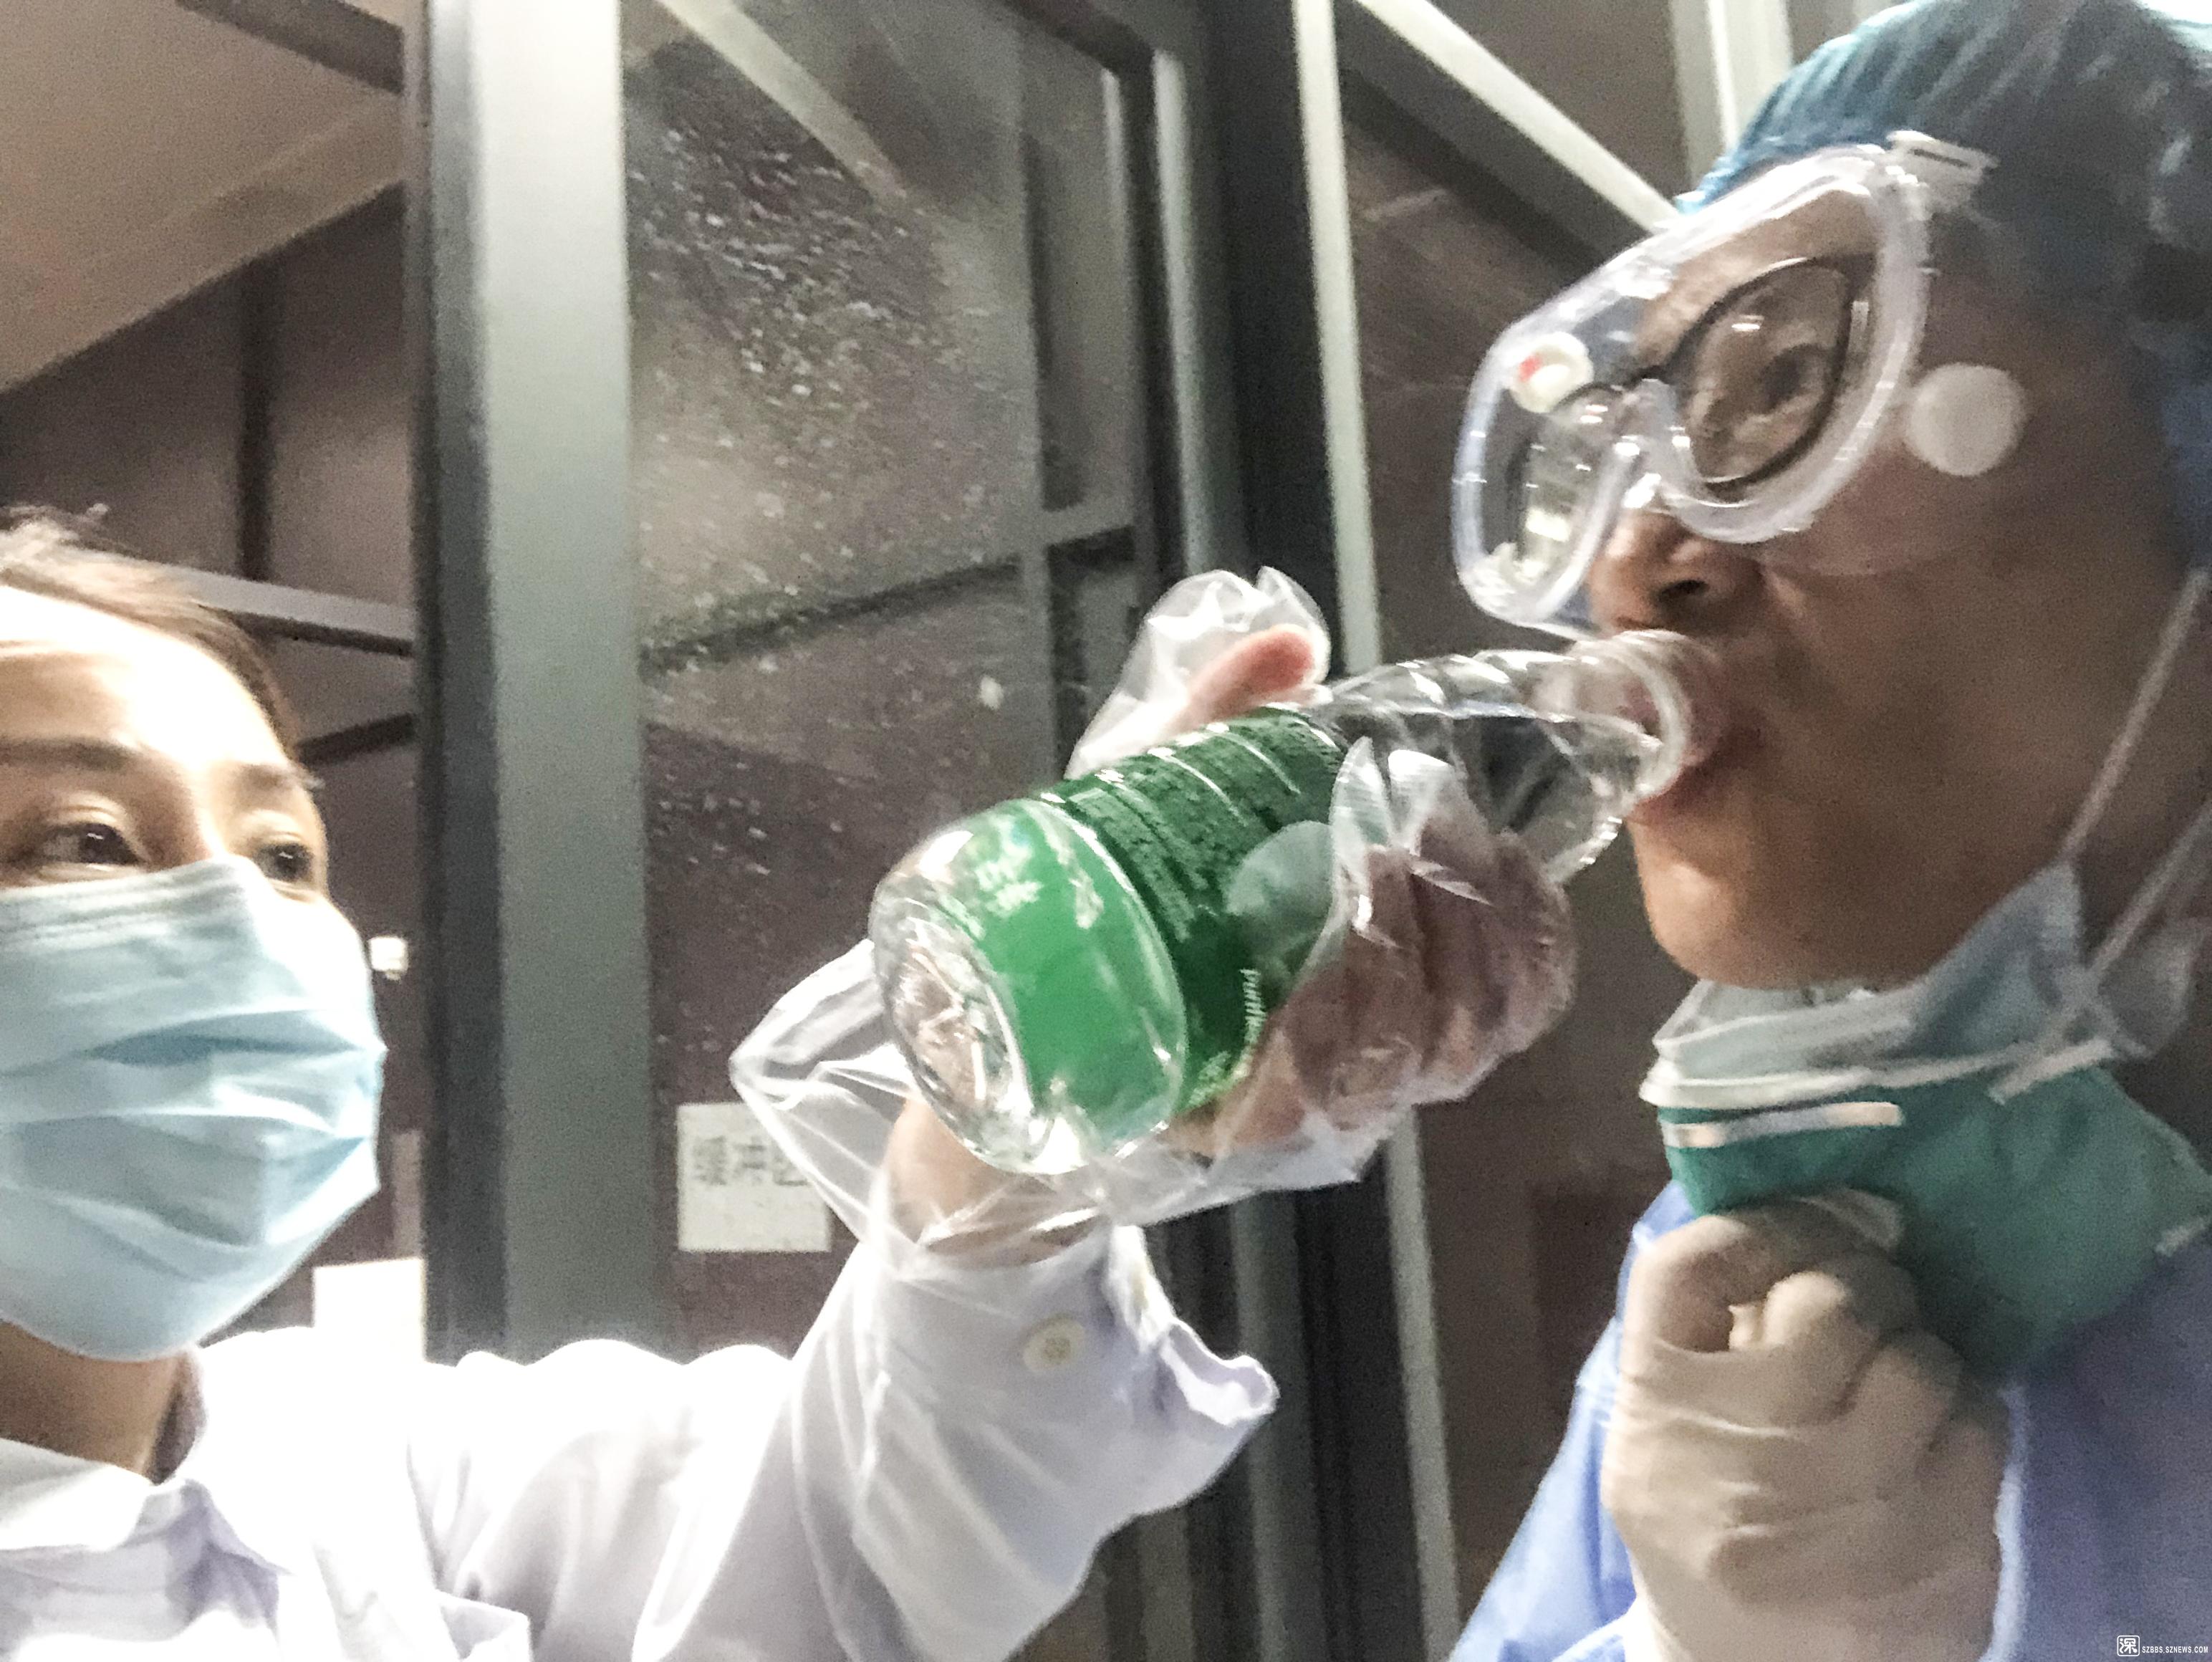 """《""""喝""""护——为节省时间及防护物资,医生在护士帮助下喝上水。》.jpg.jpg"""